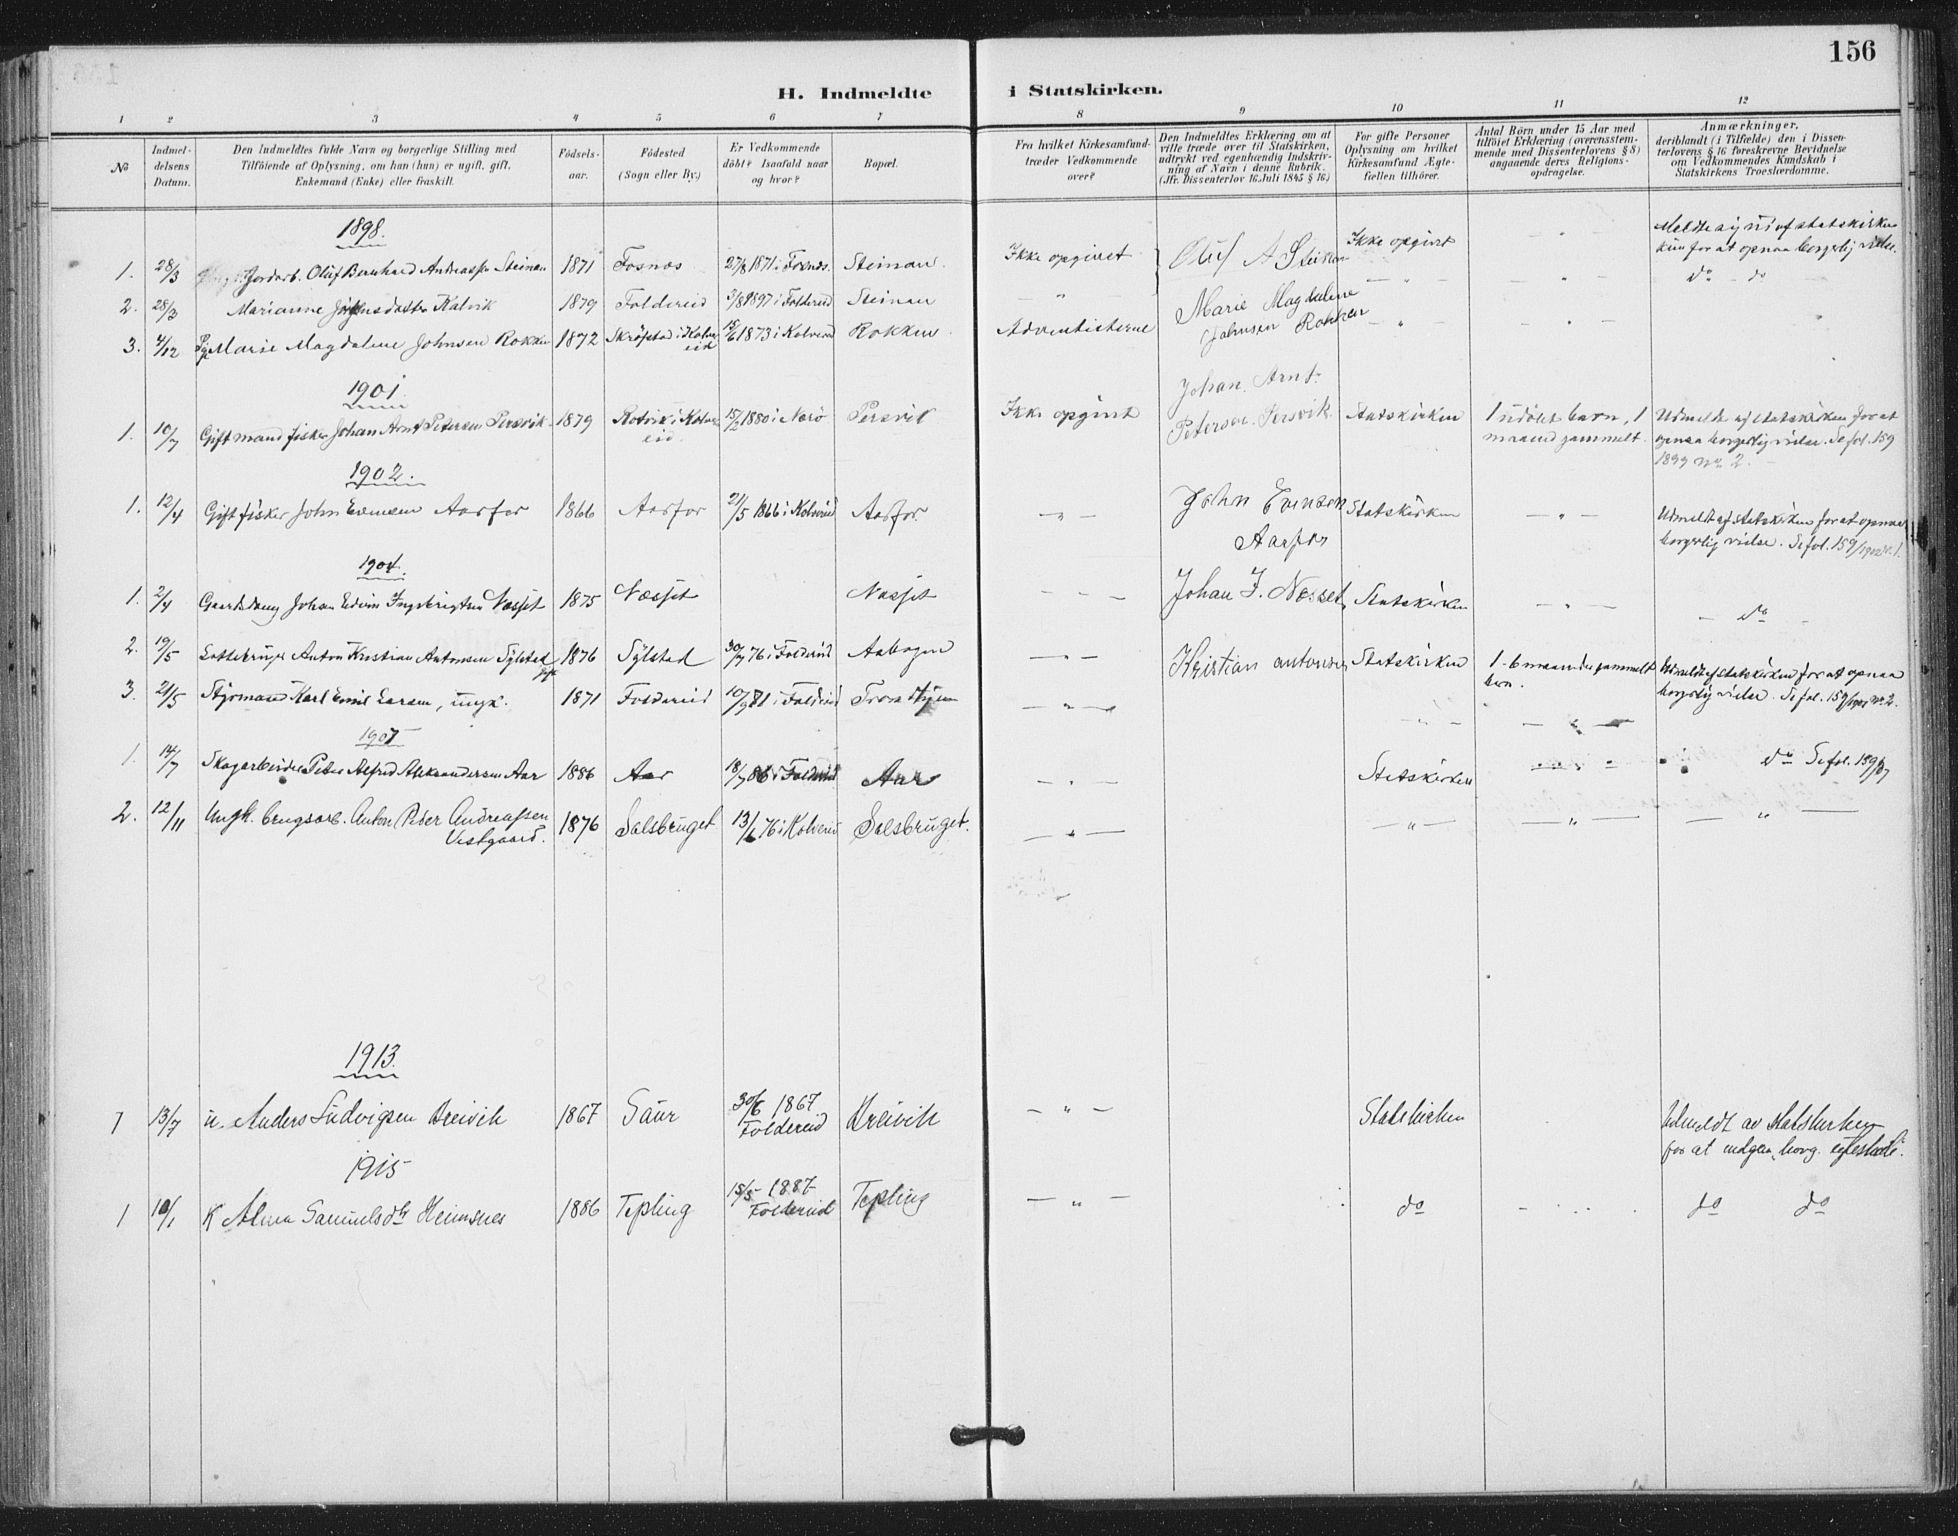 SAT, Ministerialprotokoller, klokkerbøker og fødselsregistre - Nord-Trøndelag, 783/L0660: Ministerialbok nr. 783A02, 1886-1918, s. 156